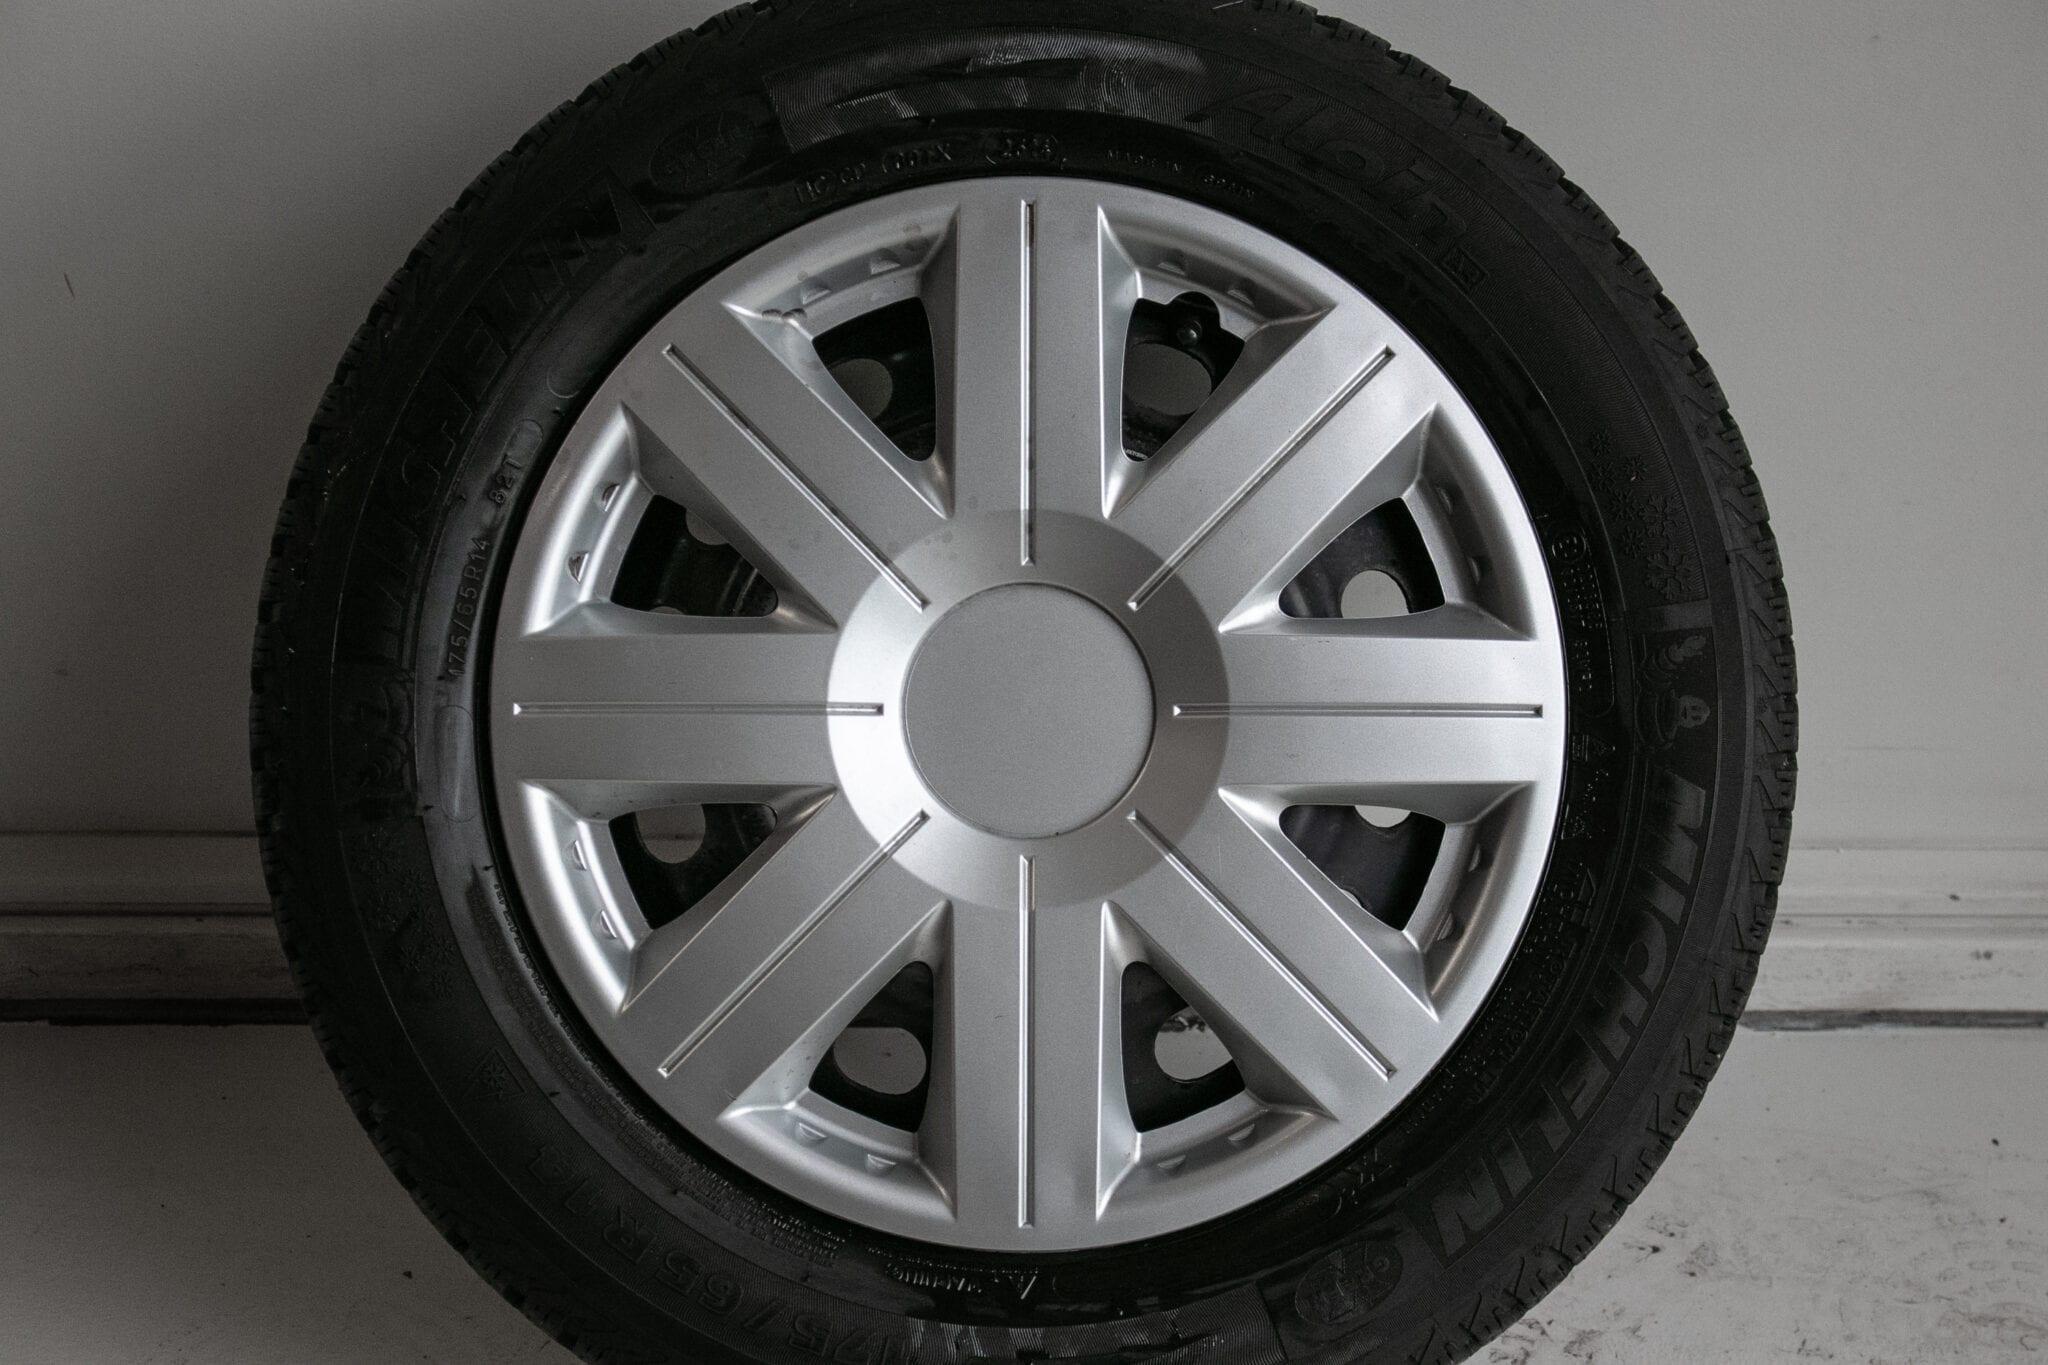 """14"""" Winterwielen voor o.a. een Honda Jazz €199,- Gebruikt. Profieldiepte: 5.5mm - 6mm"""